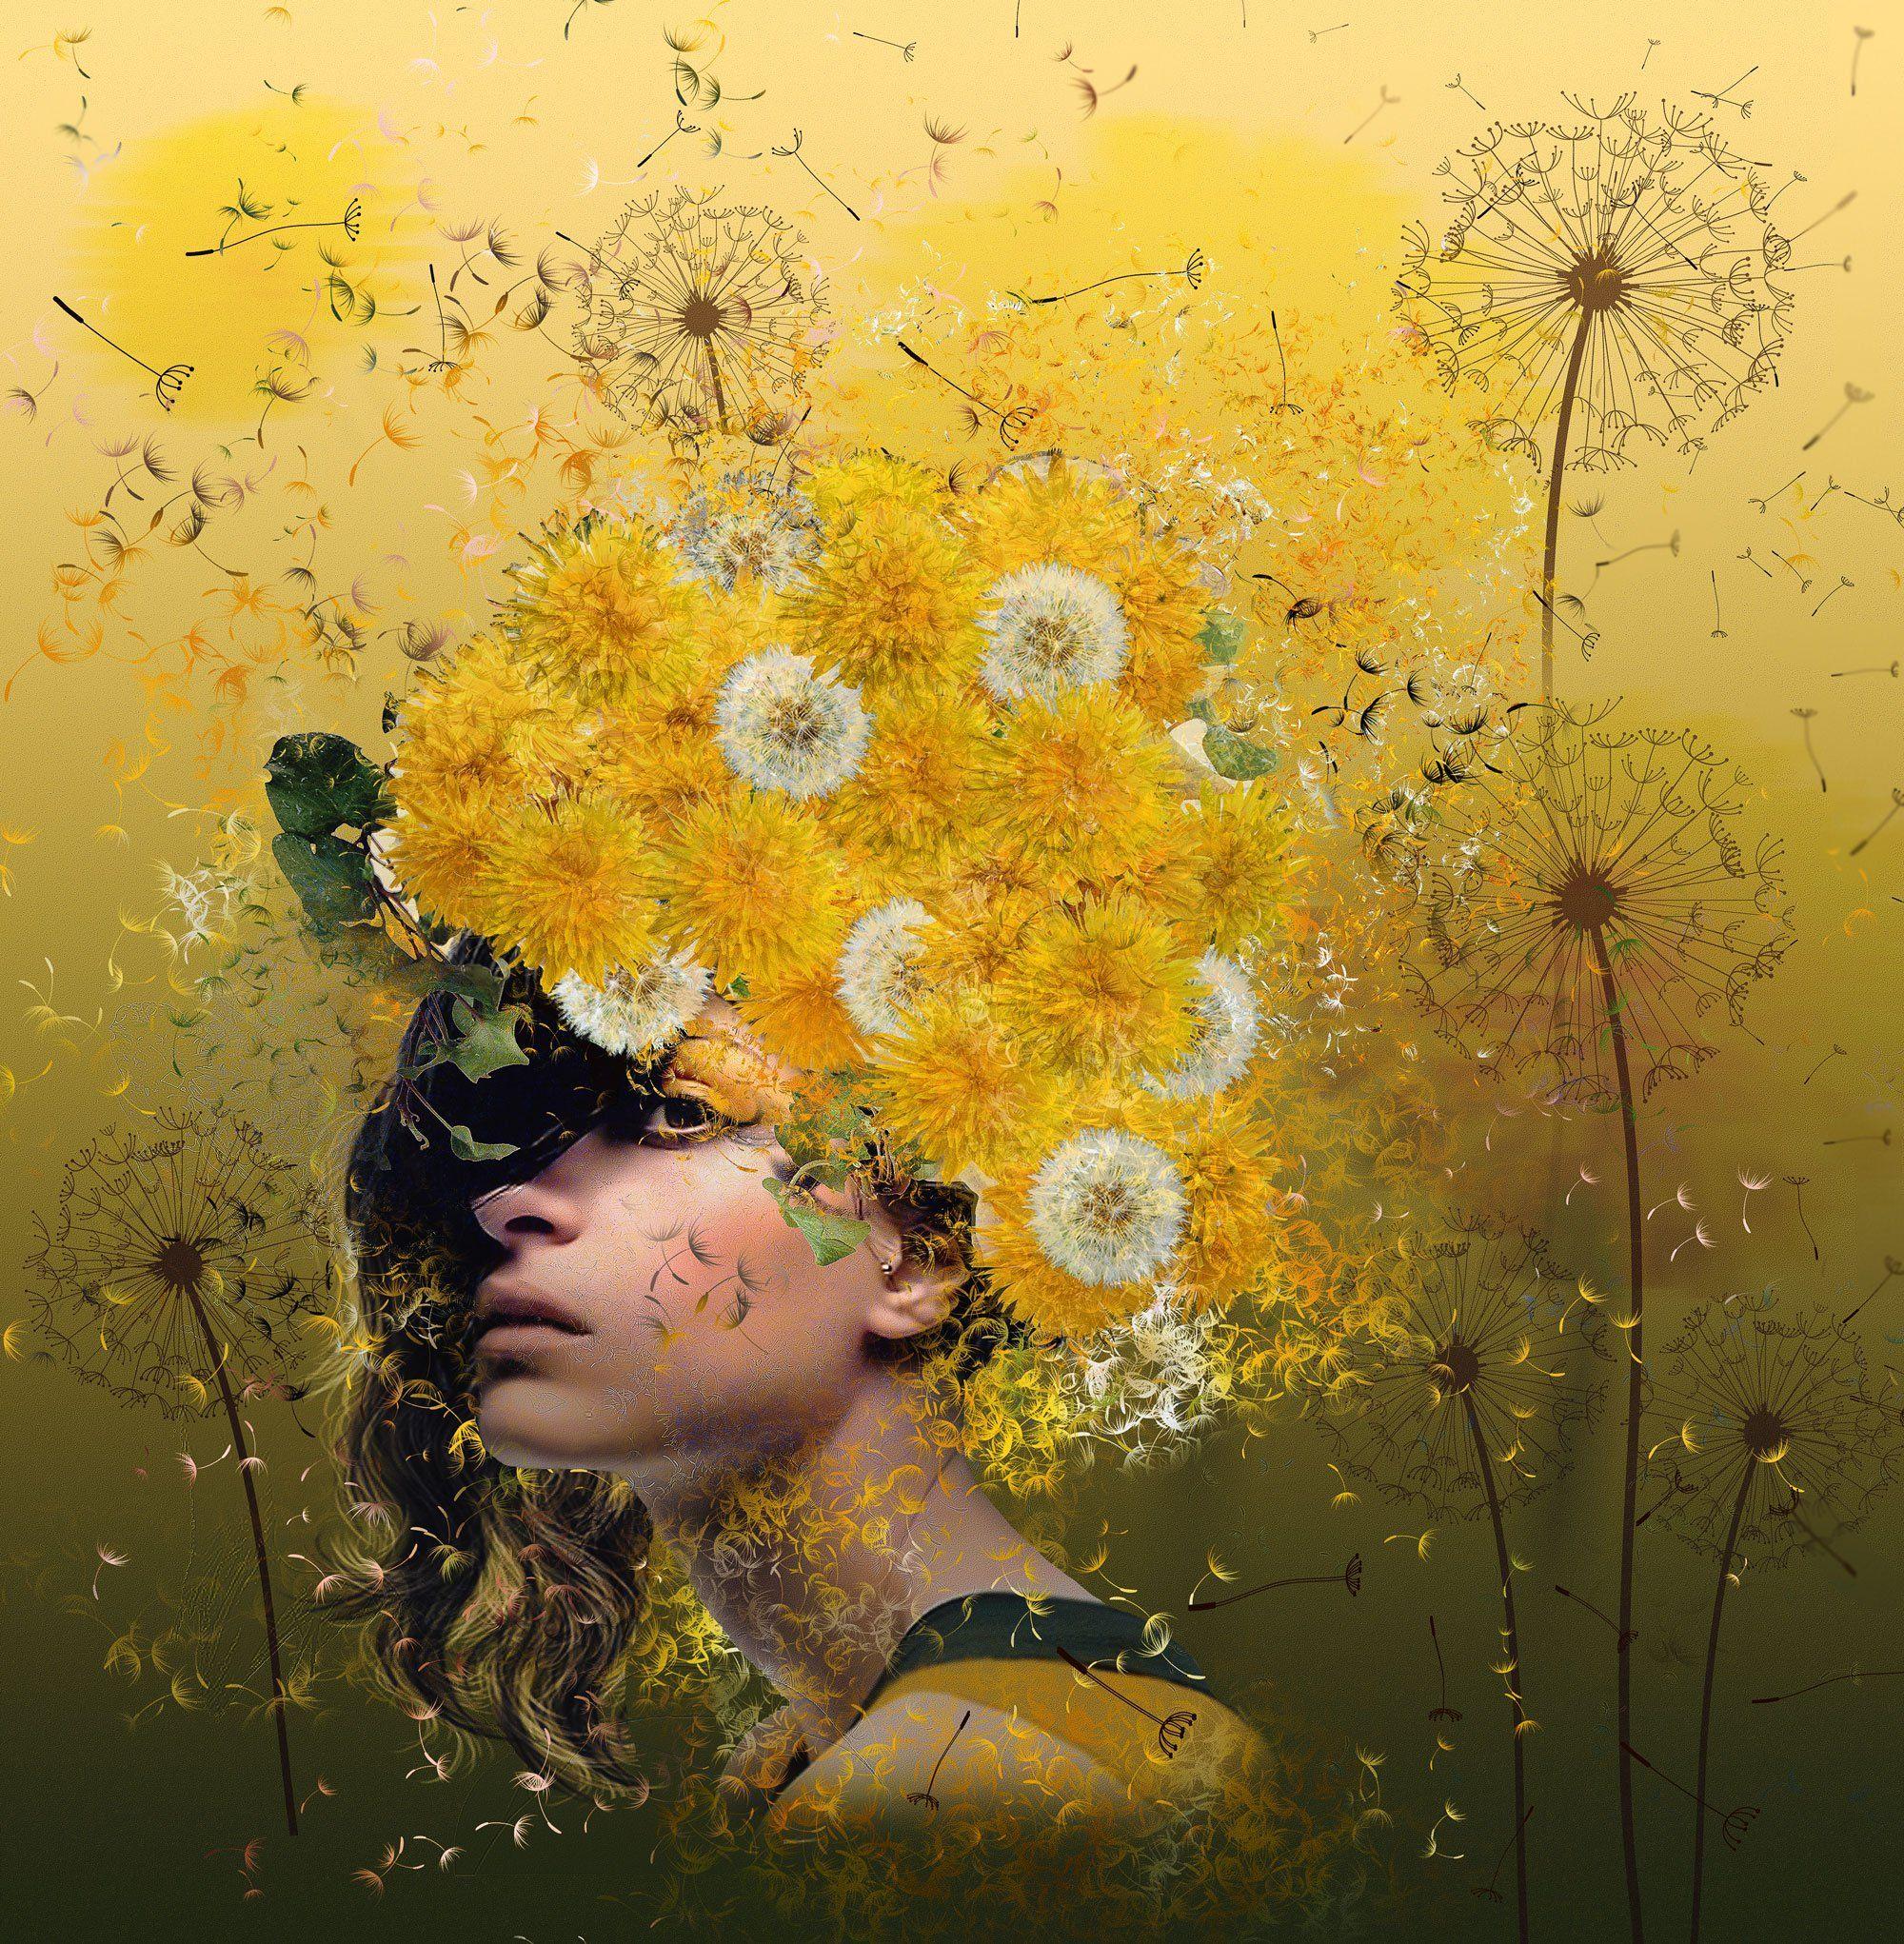 Девушка, Жёлтые цветы, Одуванчики, Nataliorion